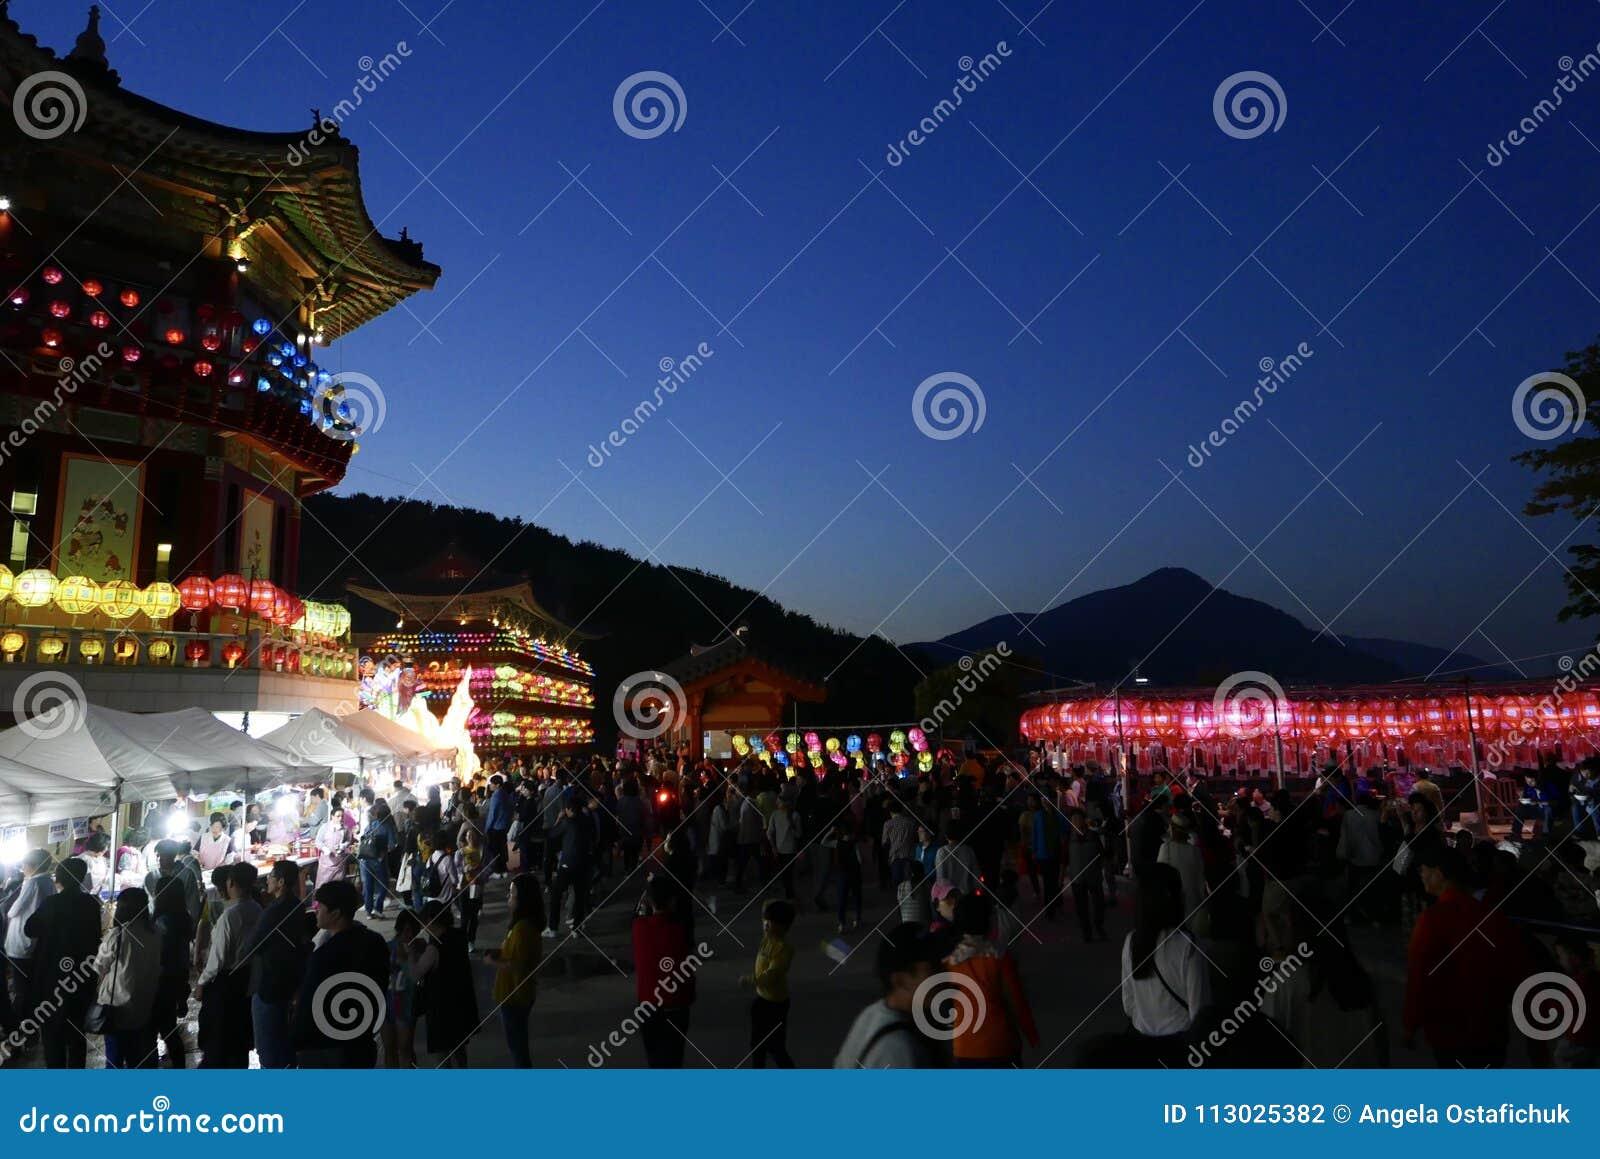 Busán, Corea 4 de mayo de 2017: Templo de Samgwangsa adornado con las linternas